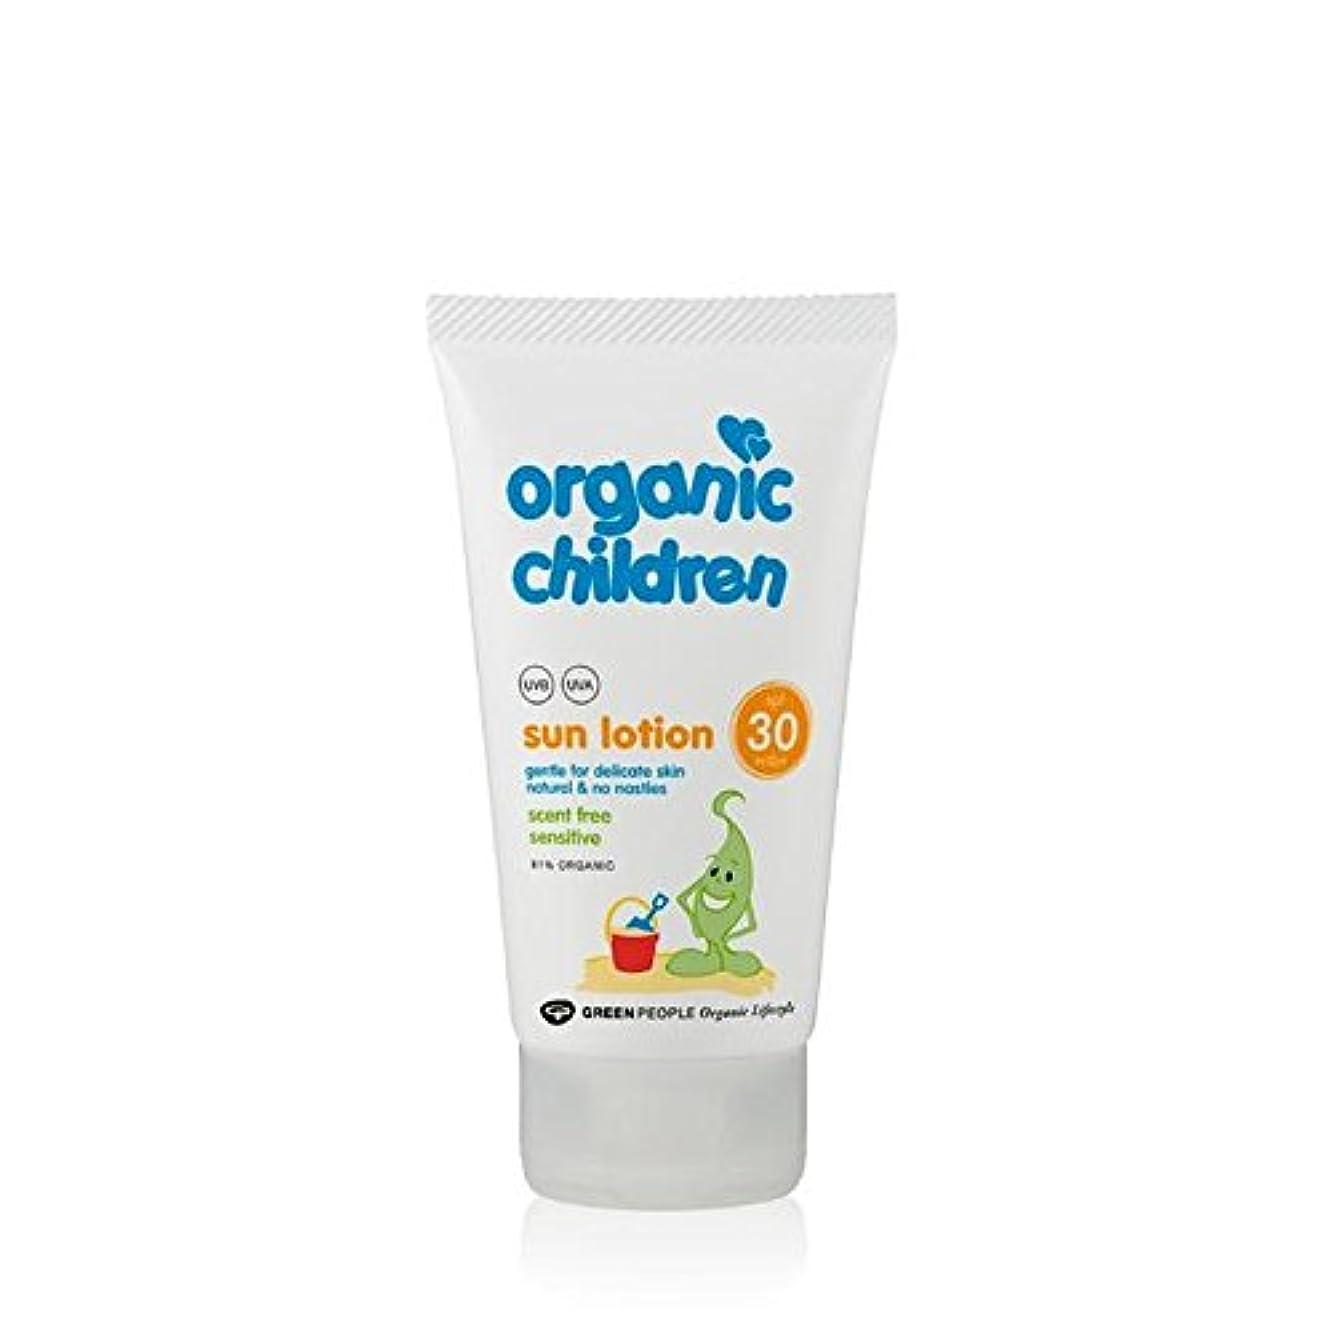 マトンチャネルリンス有機子ども30の香り無料のサンローション150 x4 - Organic Children SPF30 Scent Free Sun Lotion 150ml (Pack of 4) [並行輸入品]